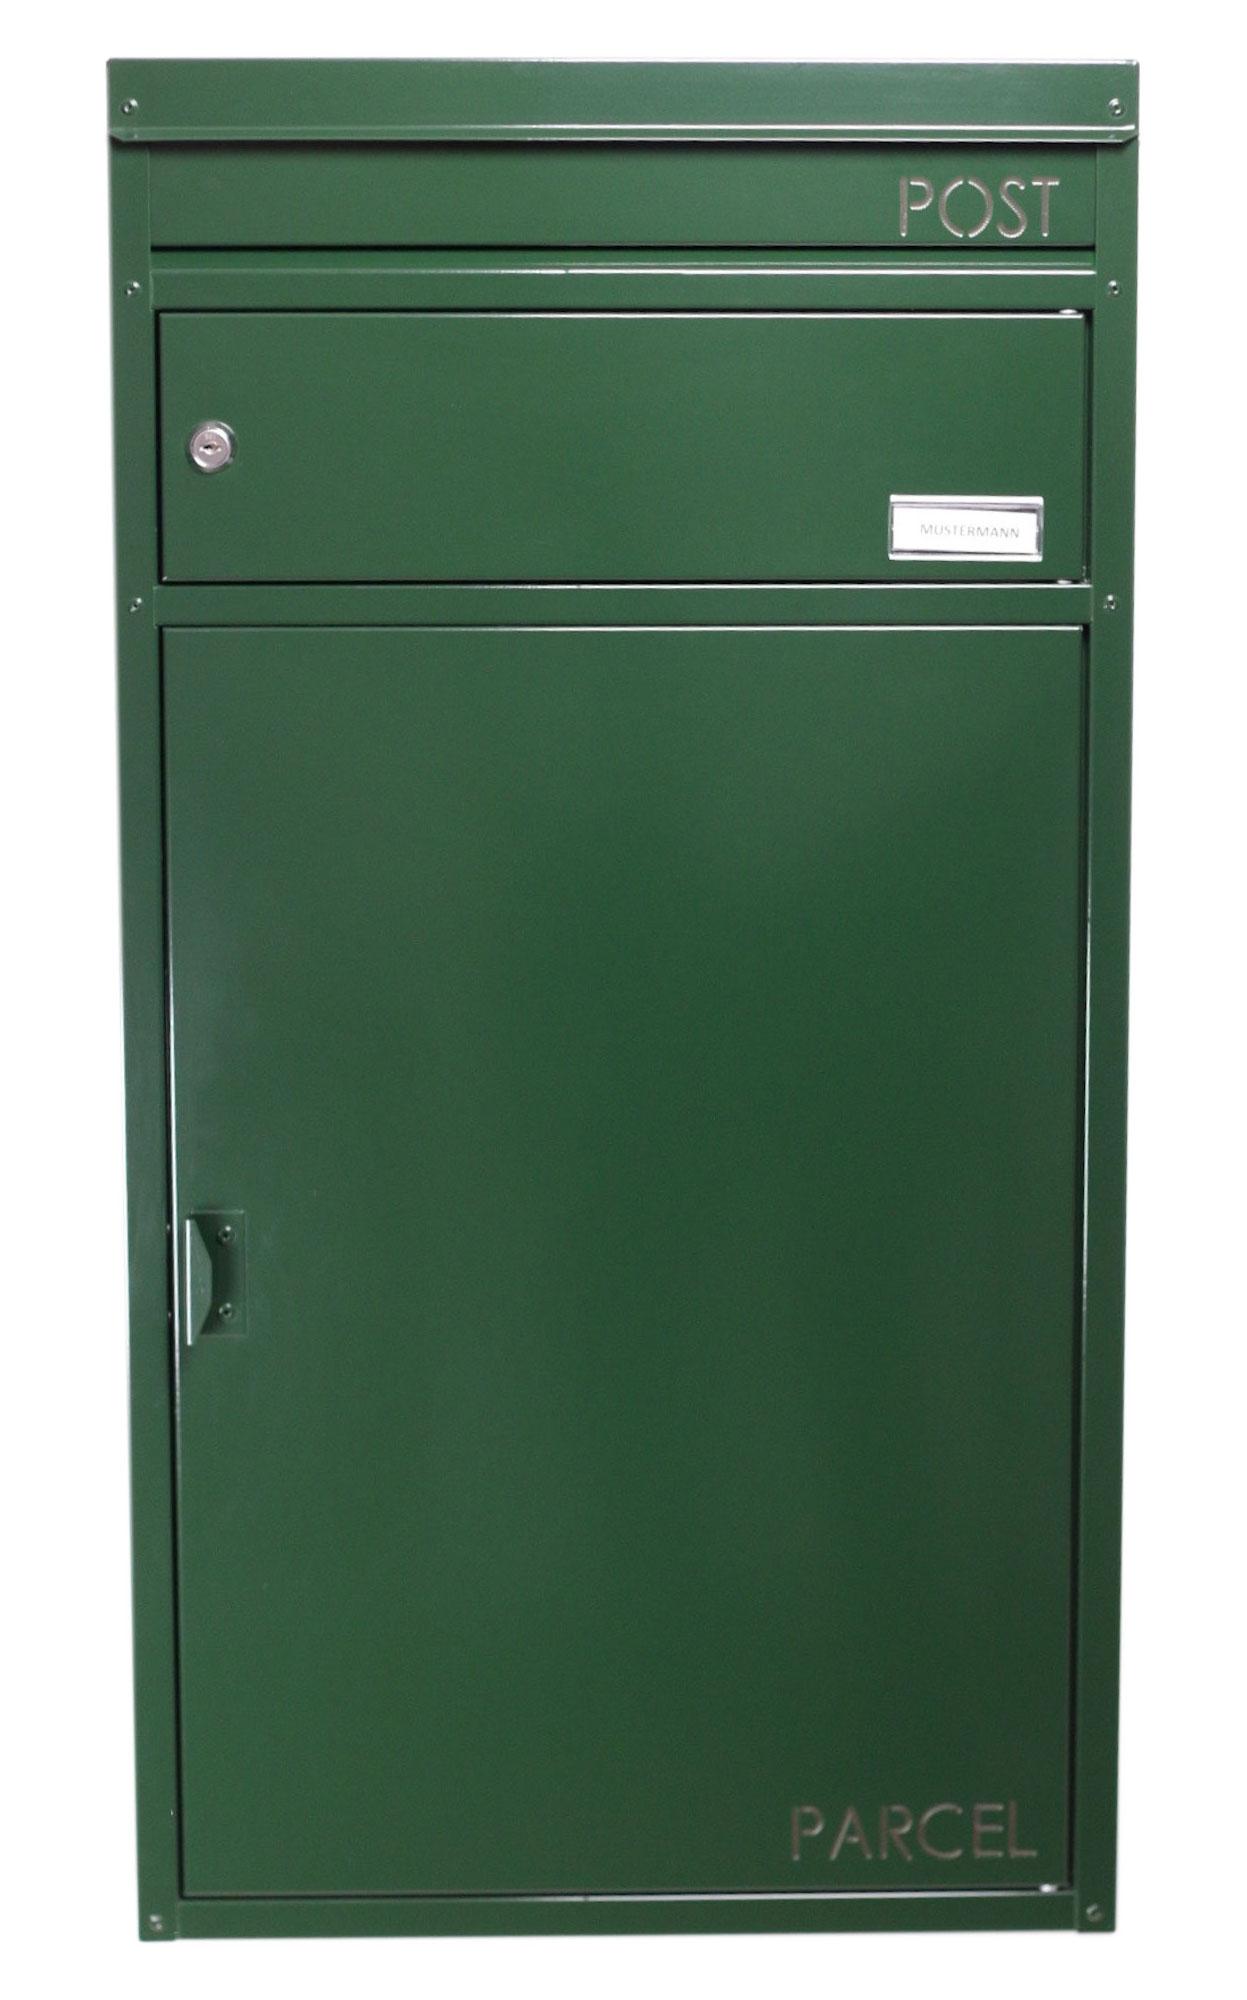 Briefkasten / Paketbriefkasten ScanPro 65 grün Bild 1